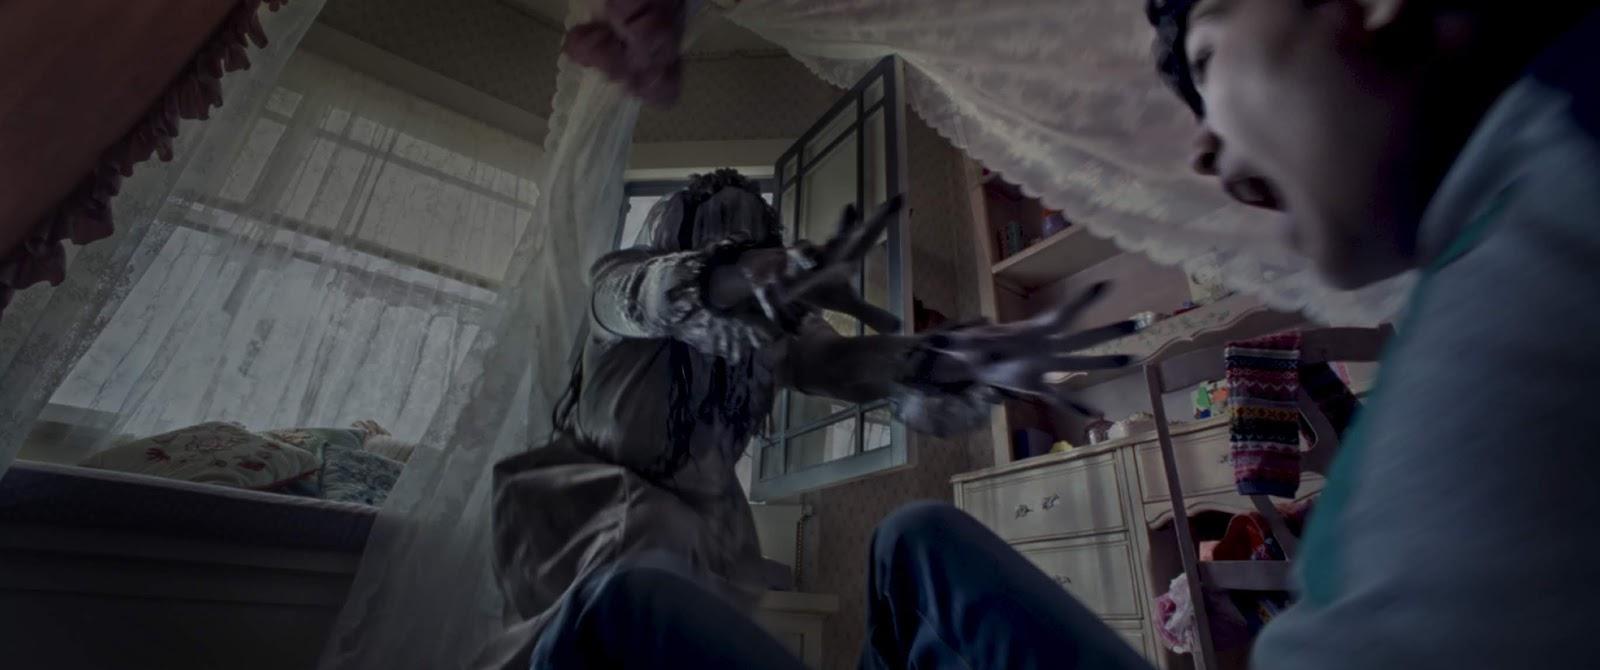 影厅错放恐怖片,来看皮卡丘的孩?#29992;?#37117;吓坏了